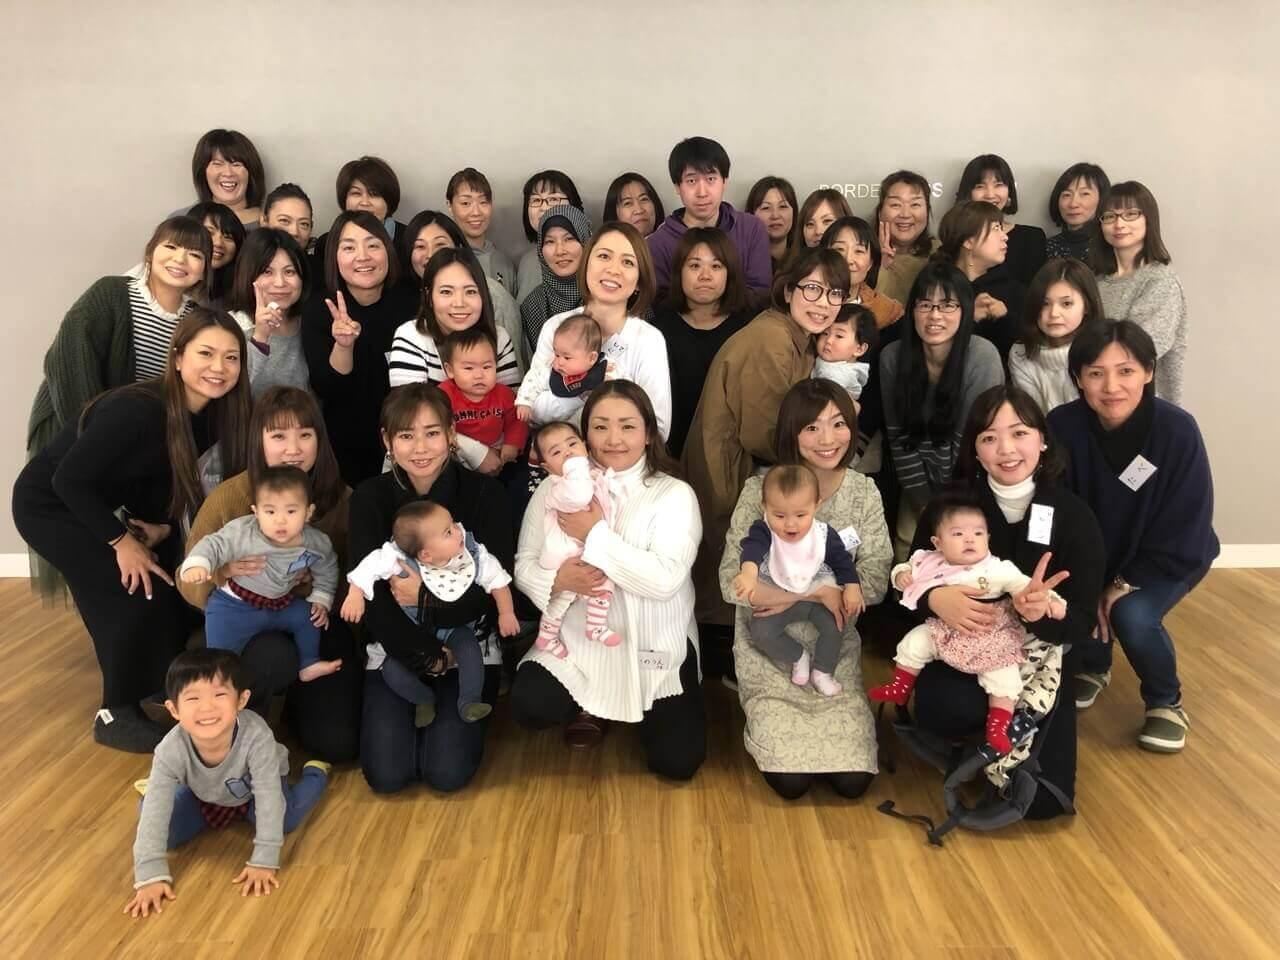 第2回授乳期ママ限定 AMOMAファンミーティングを開催します@東京